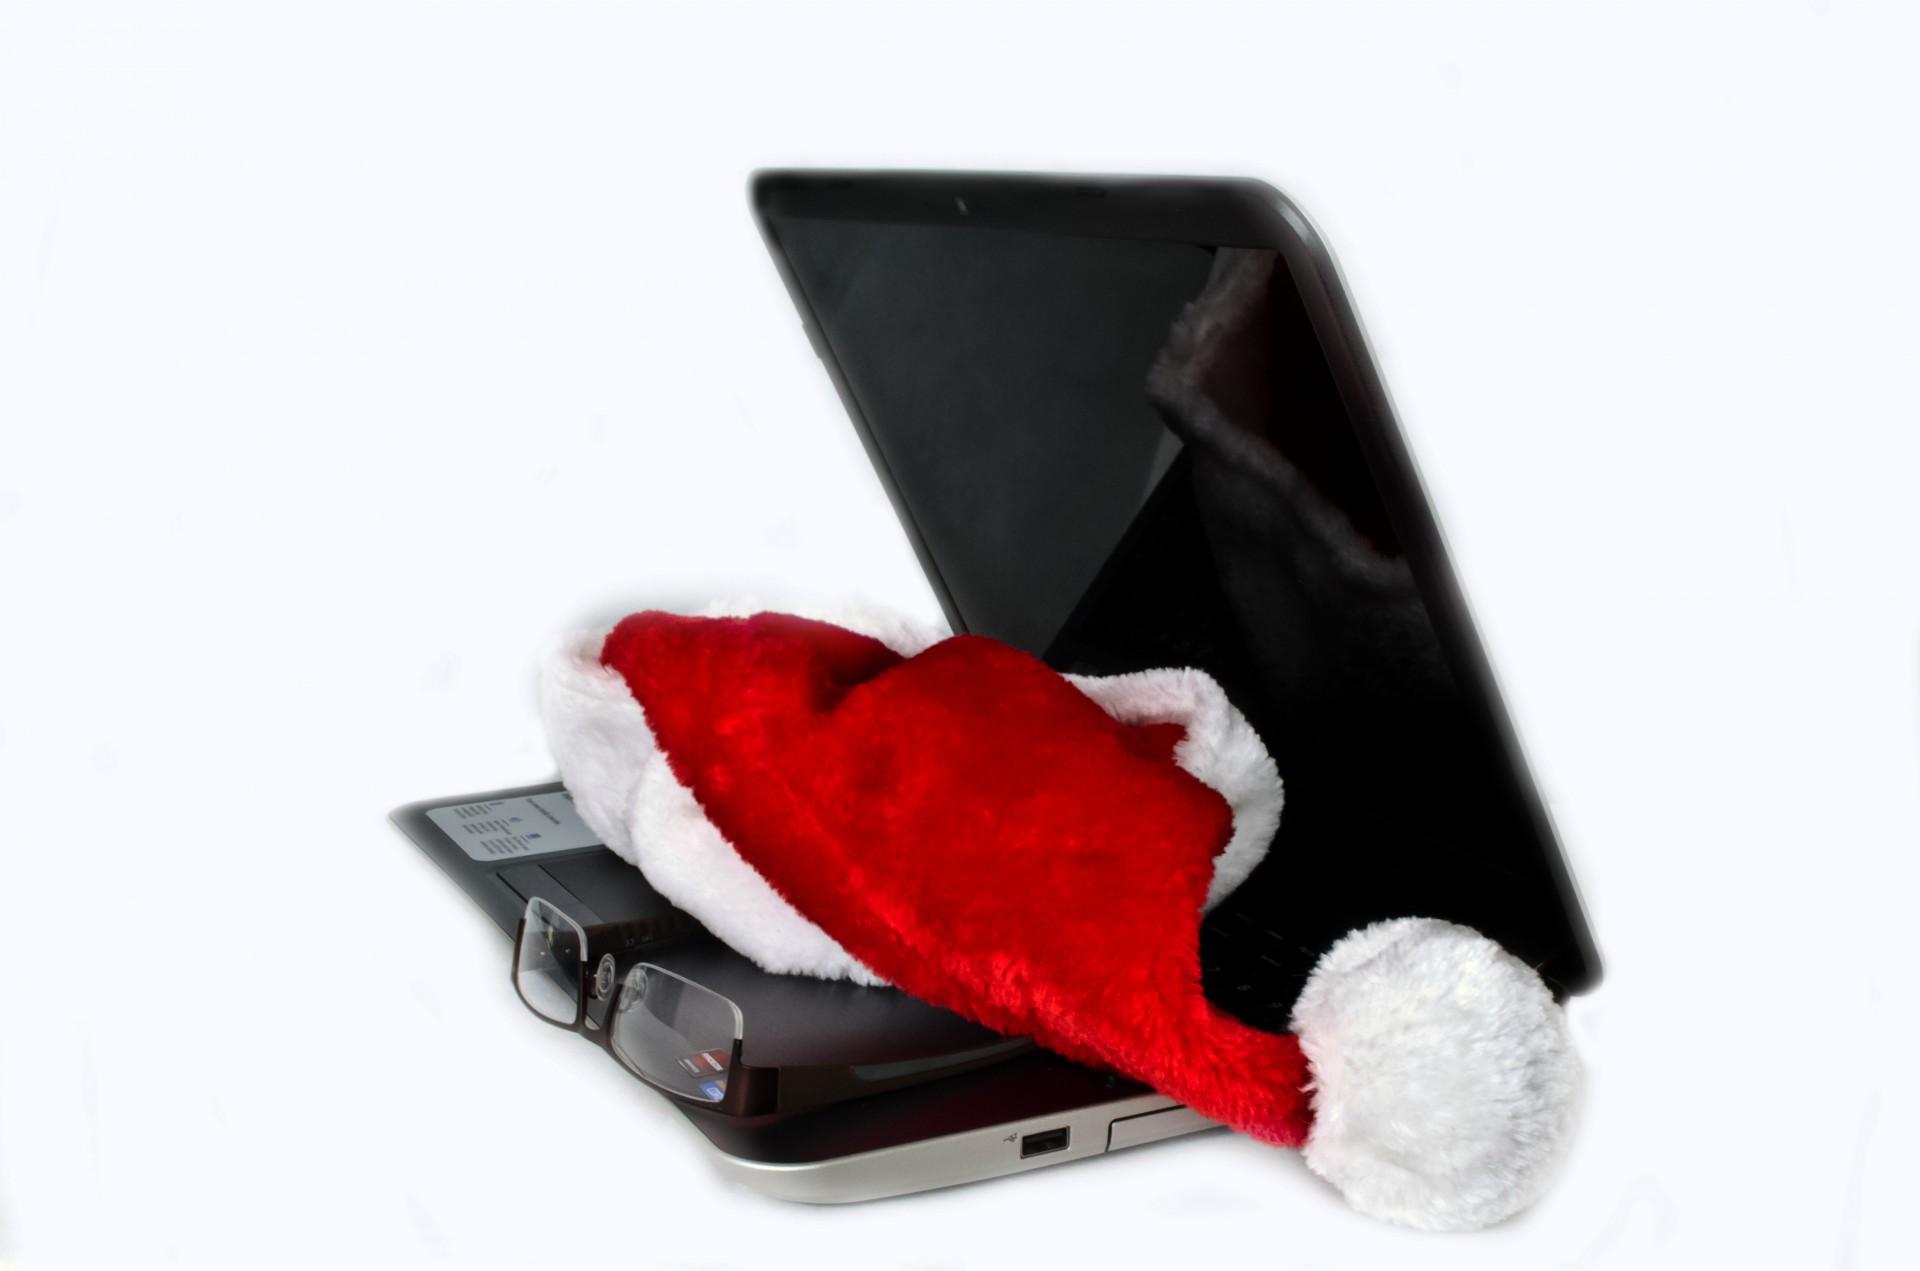 Πώς να αγοράσετε τα χριστουγεννιάτικα δώρα με ασφάλεια από το διαδίκτυο